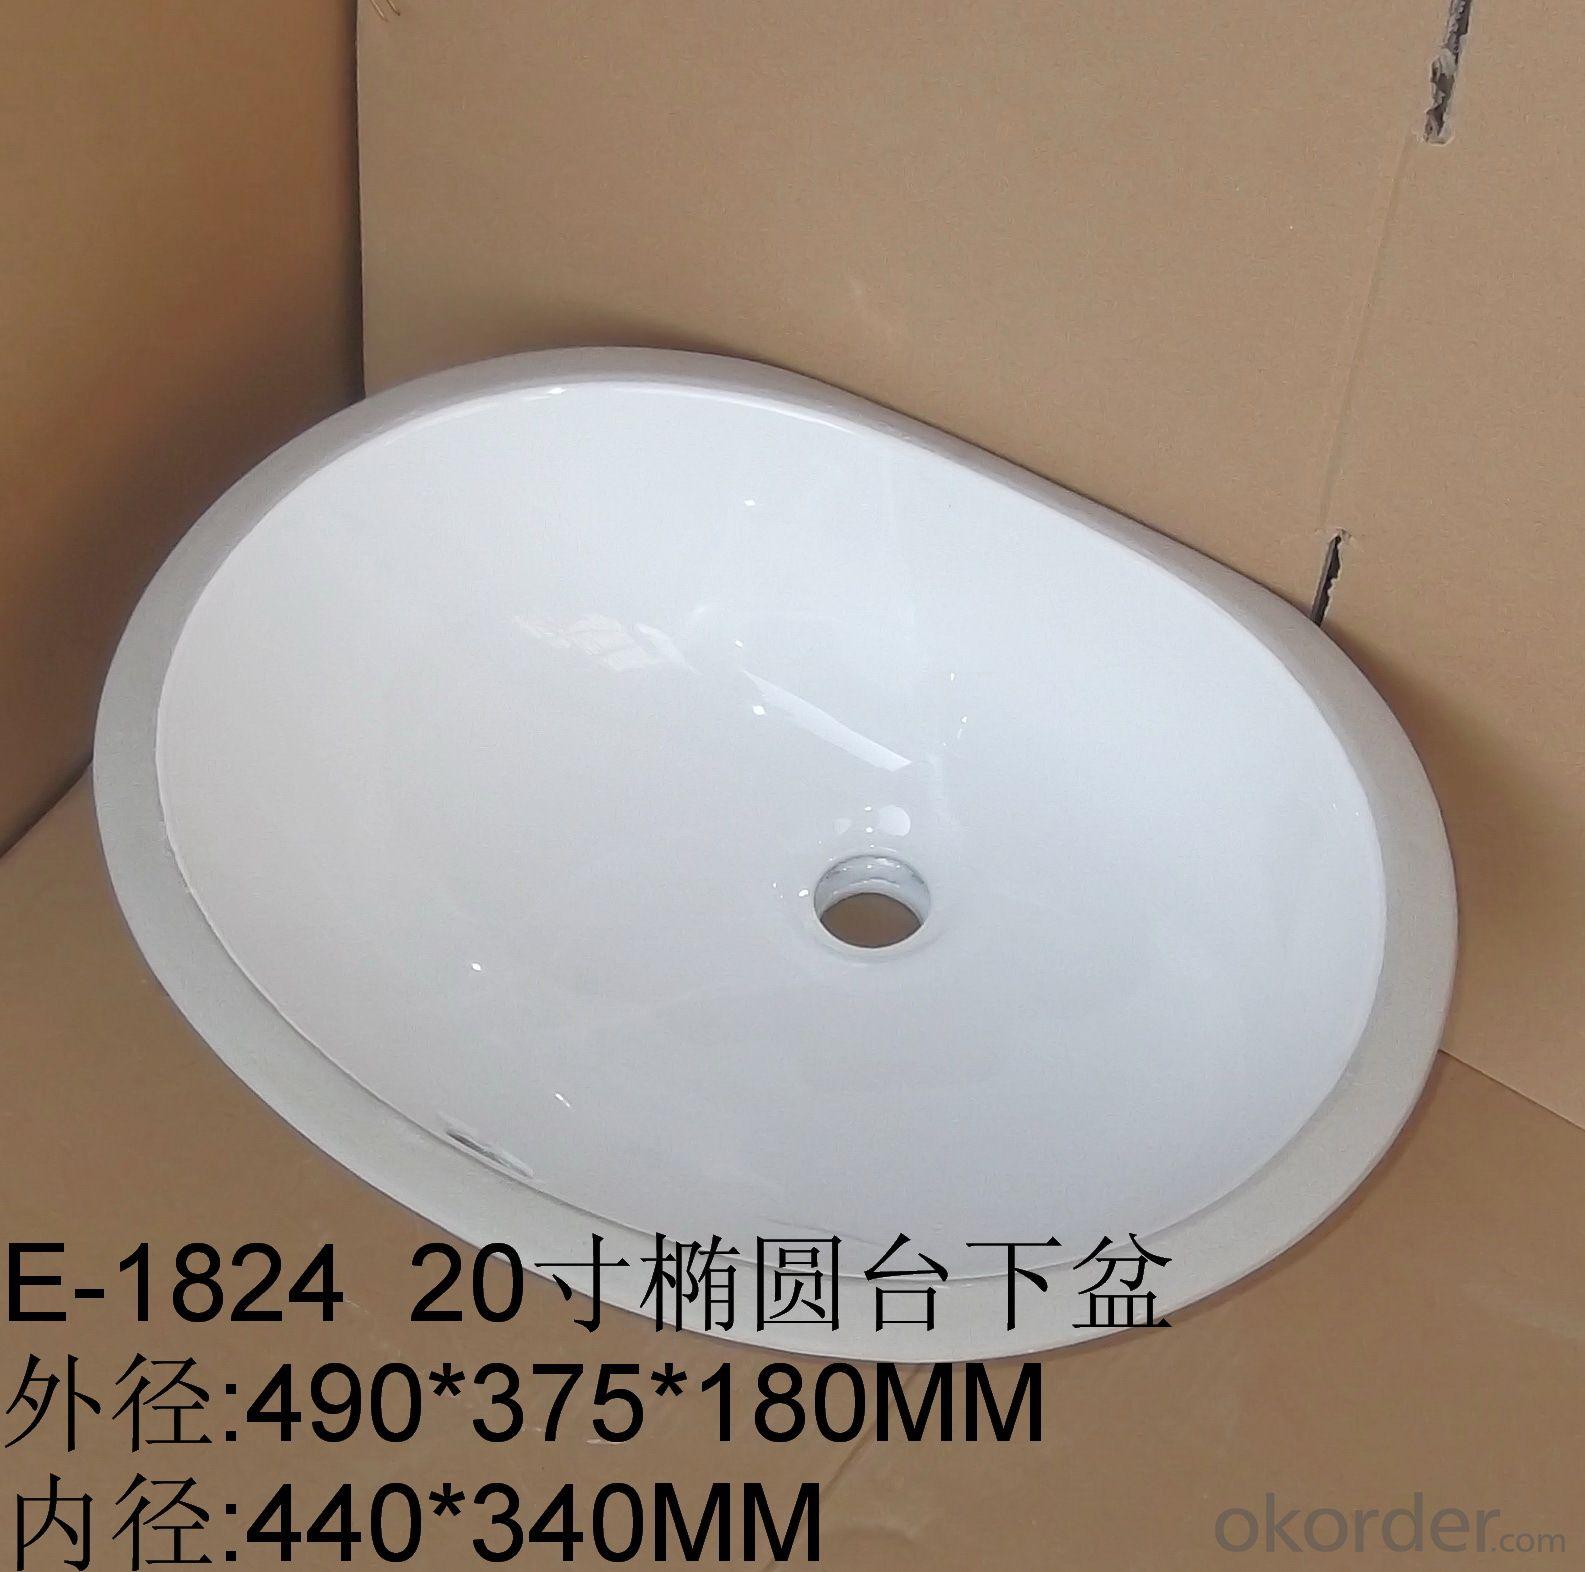 Chamfered ceramic wash basins 20 inch